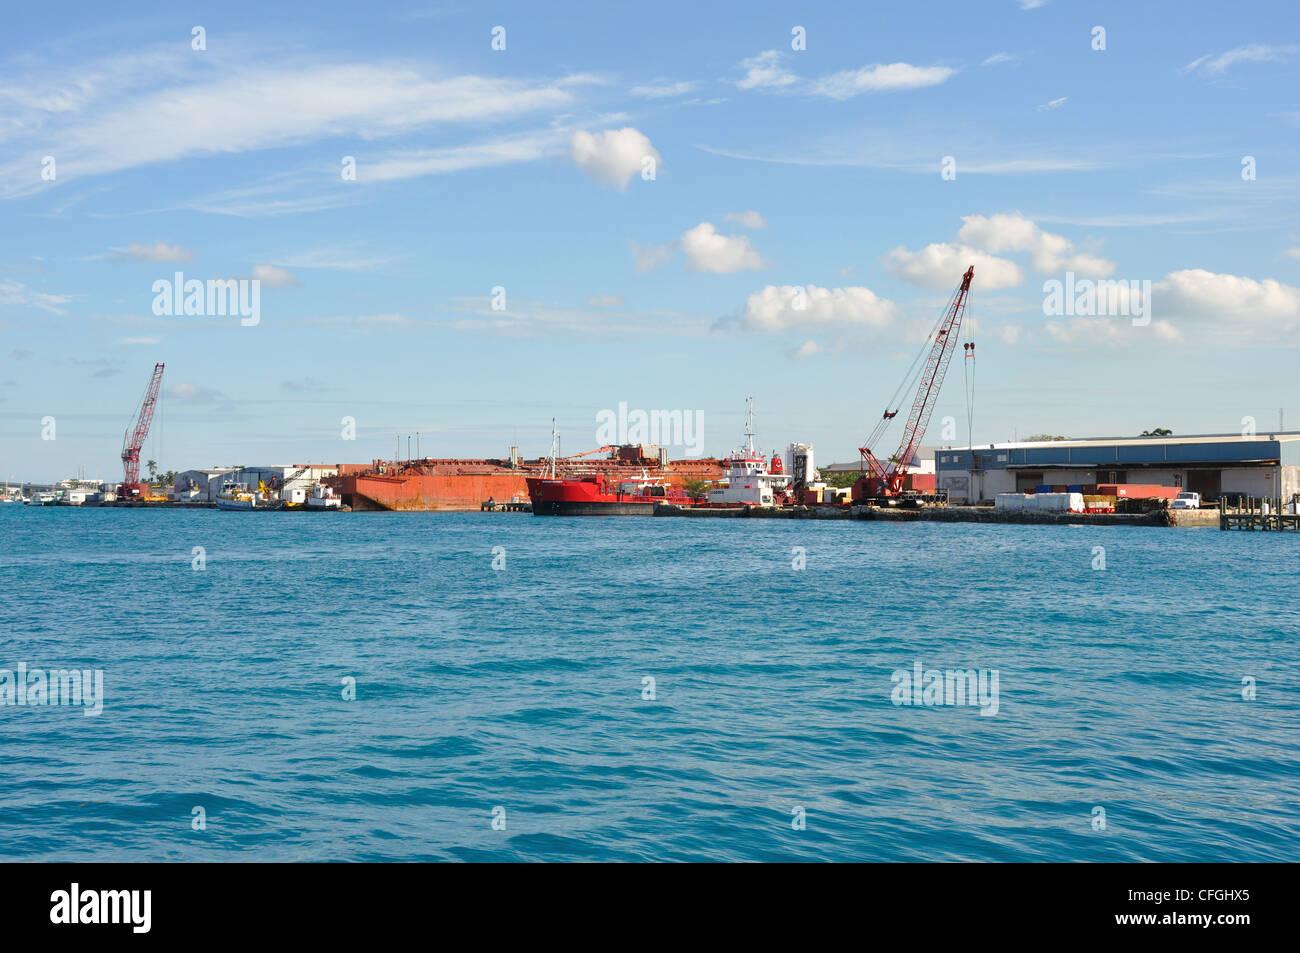 Port, Nassau, Bahamas - Stock Image